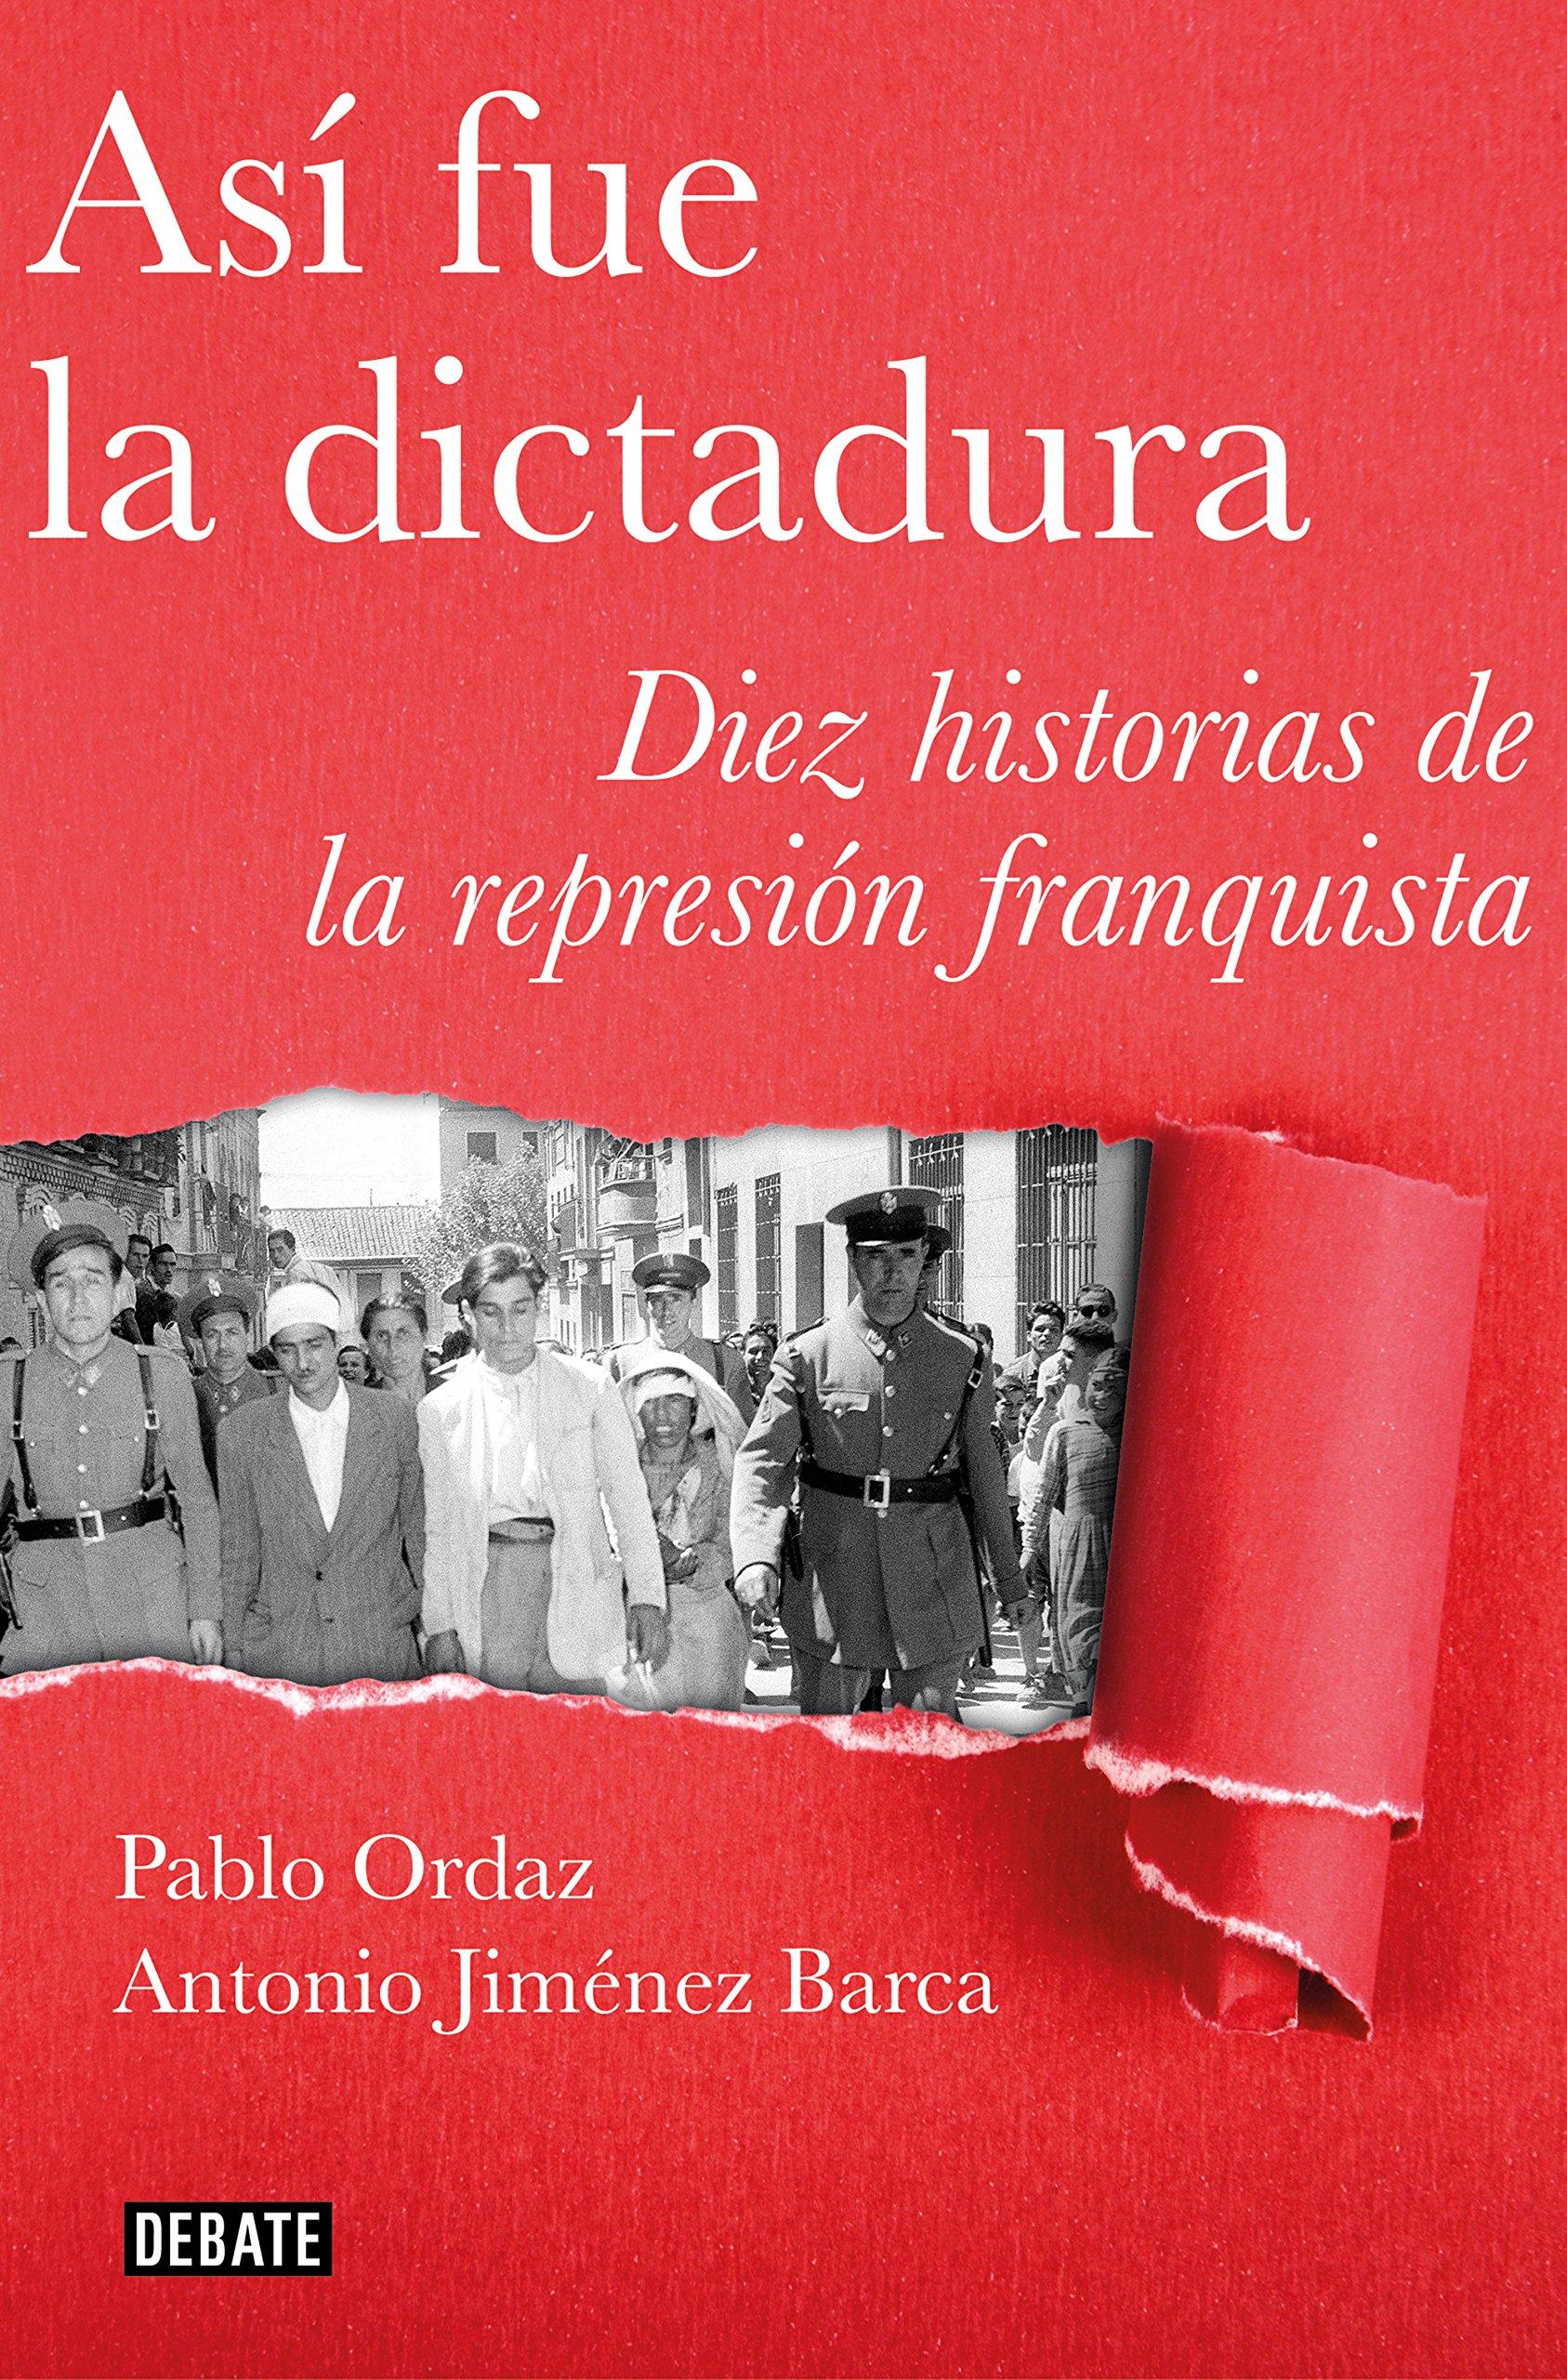 Así fue la dictadura: Diez historias de la represión franquista Crónica y Periodismo: Amazon.es: Ordaz, Pablo, Jiménez Barca, Antonio: Libros